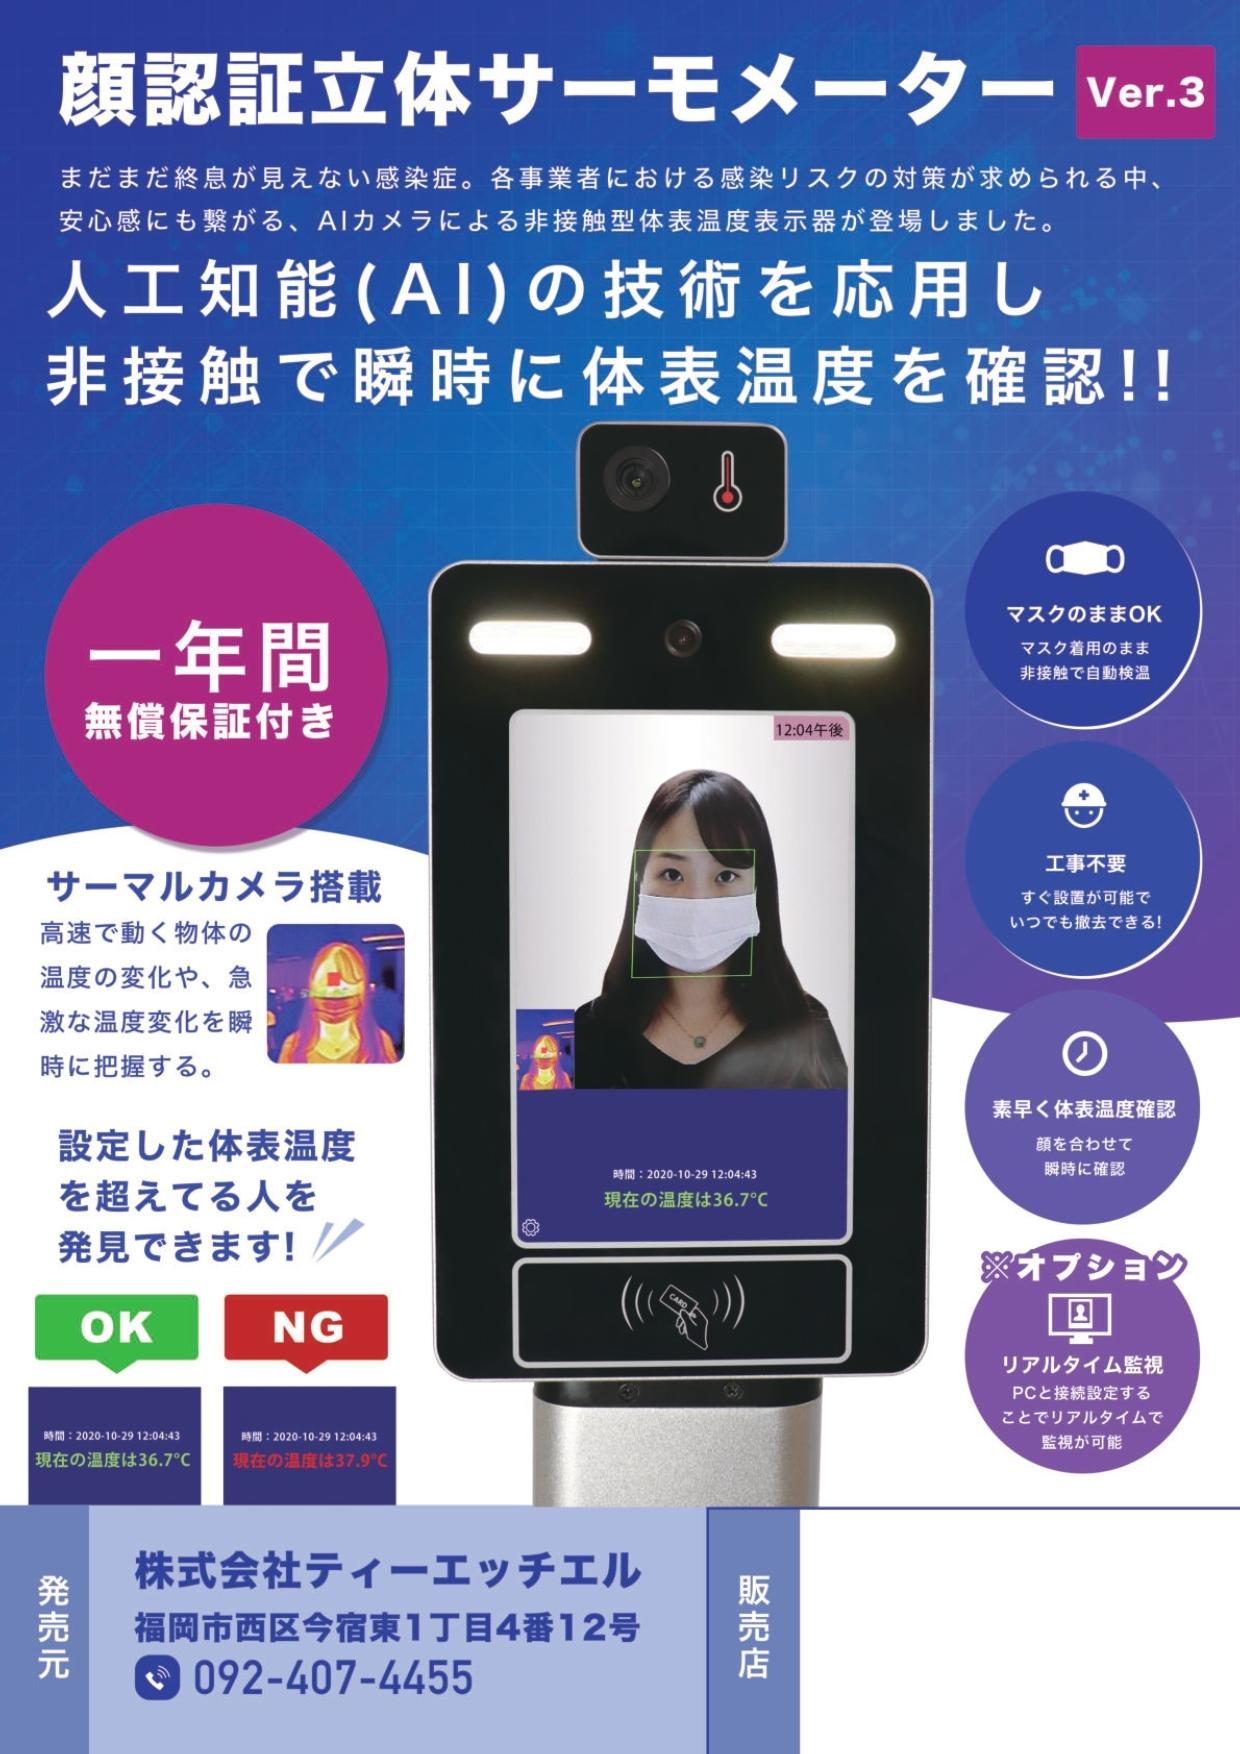 顔認証立体サーモメーター Ver.3